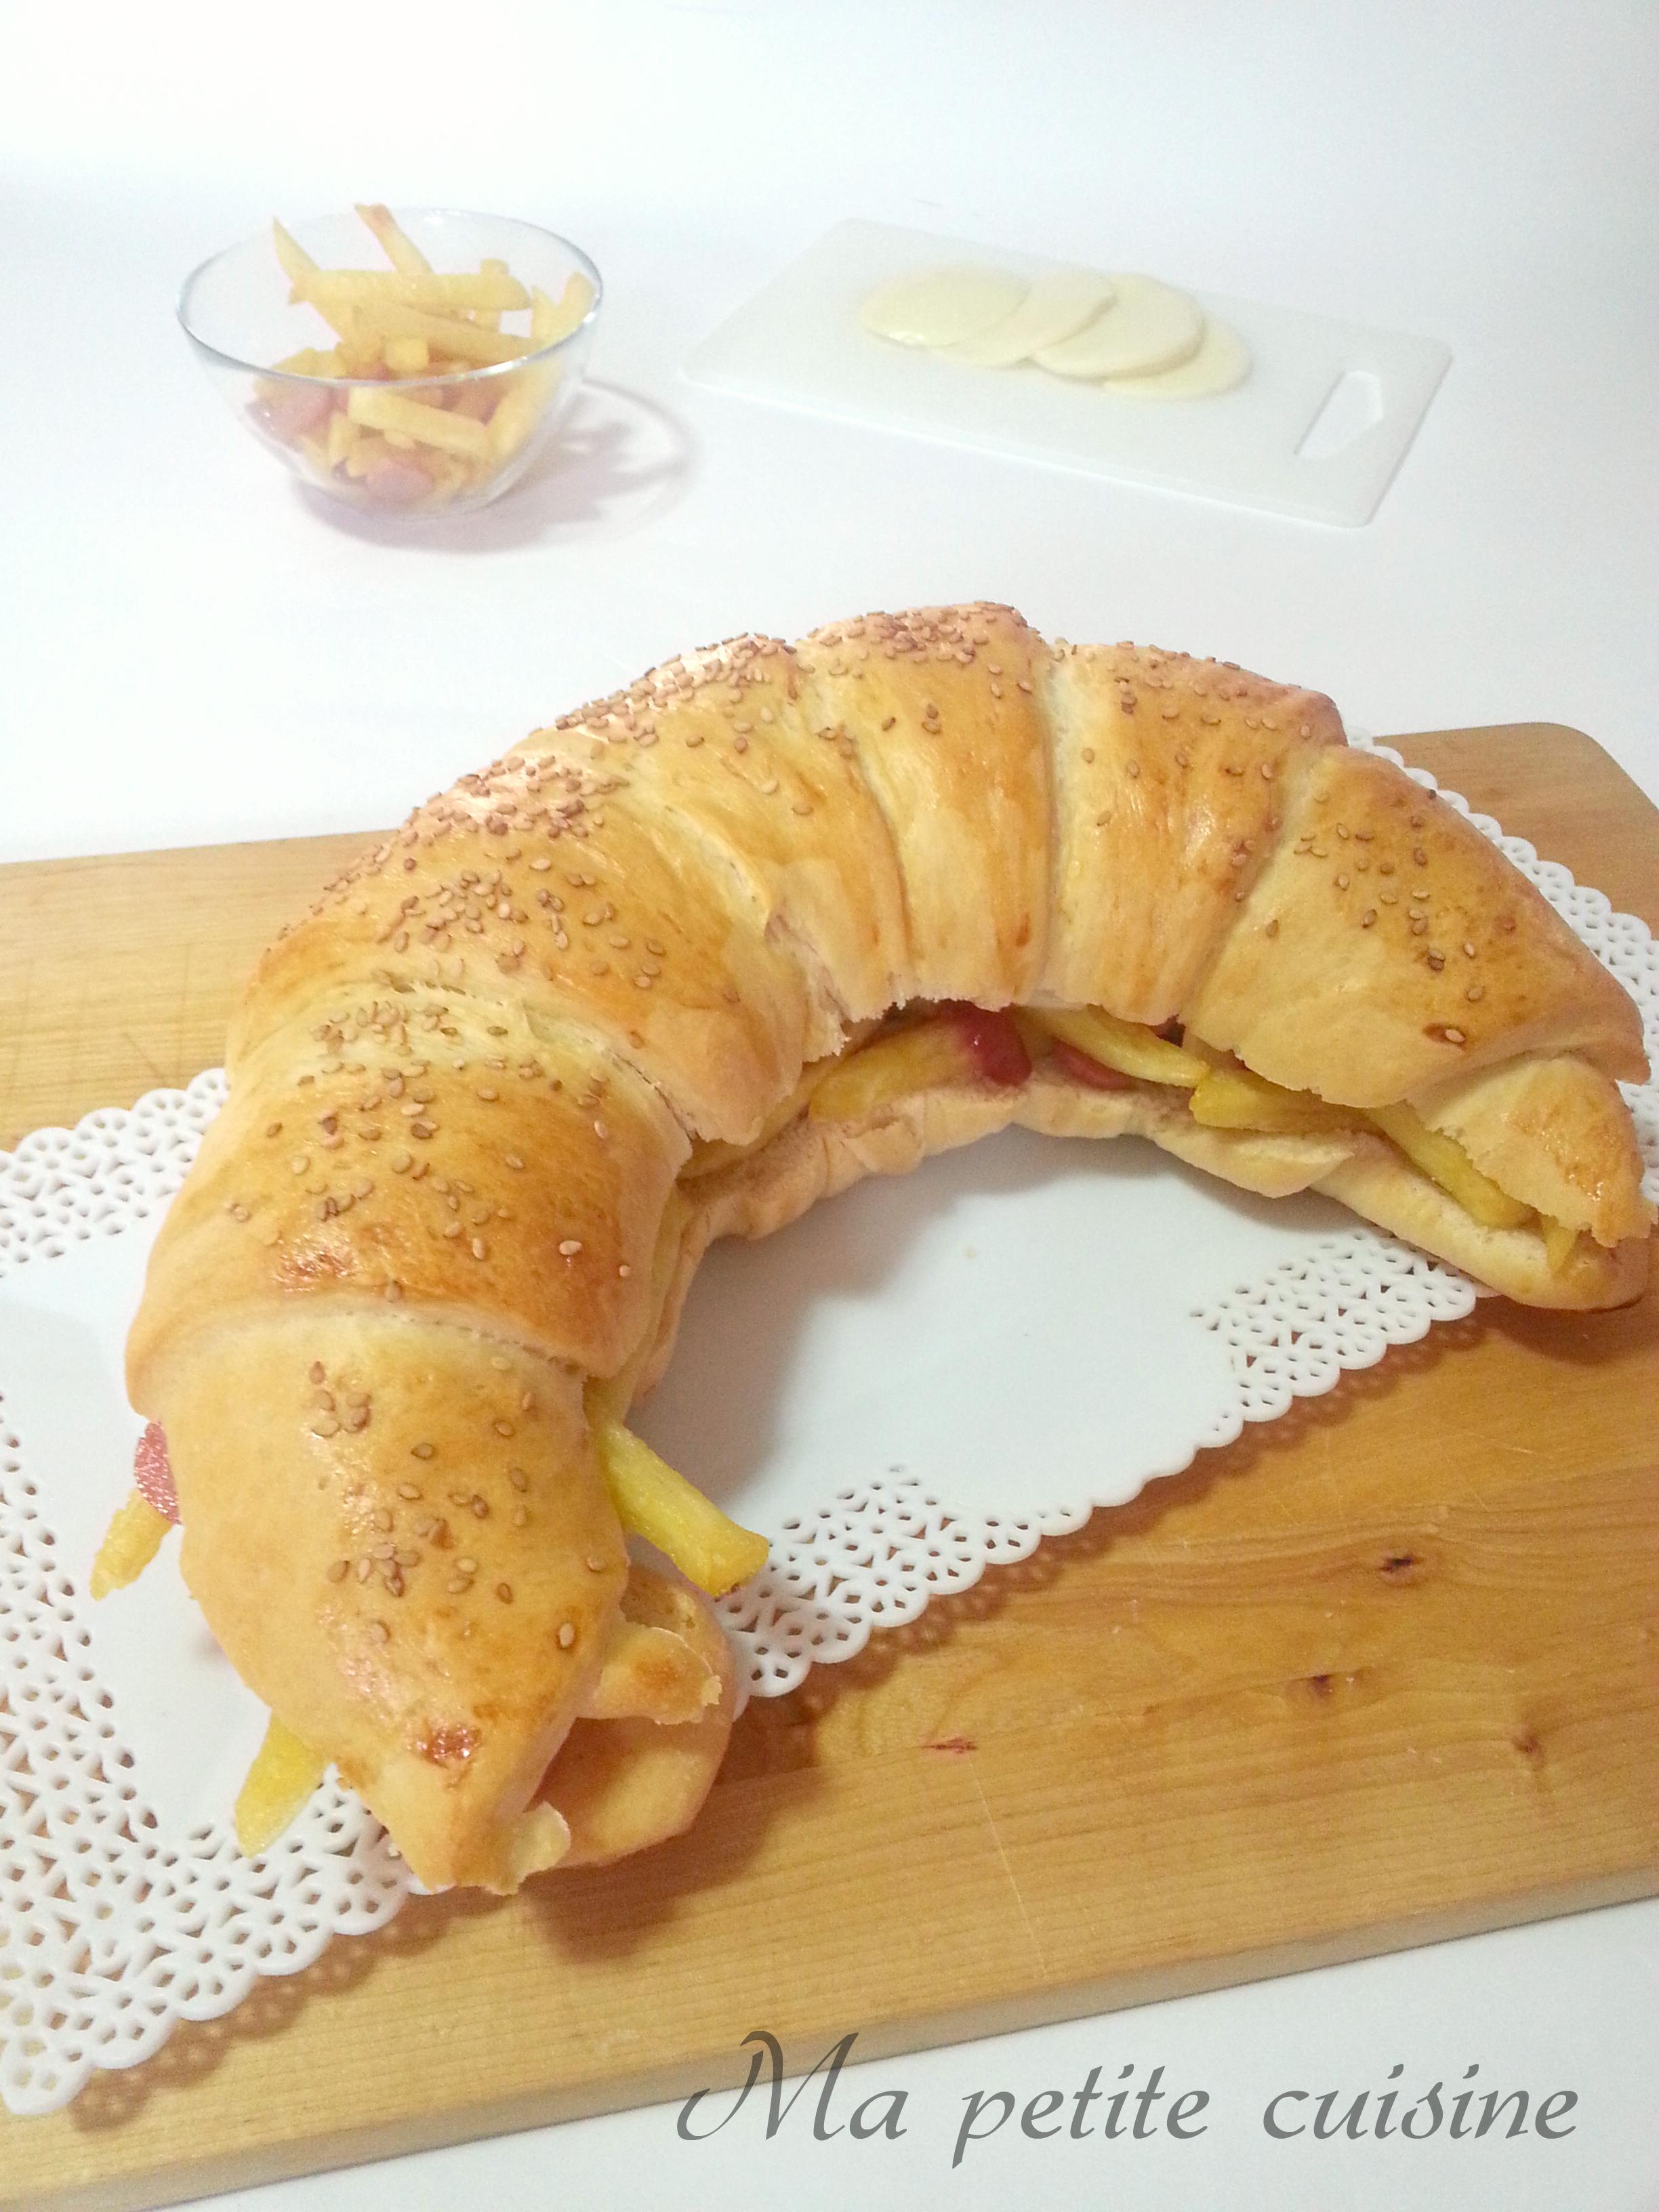 Cornettone ripieno wurstel e patatine ma petite cuisine for Ma cuisine petit chef